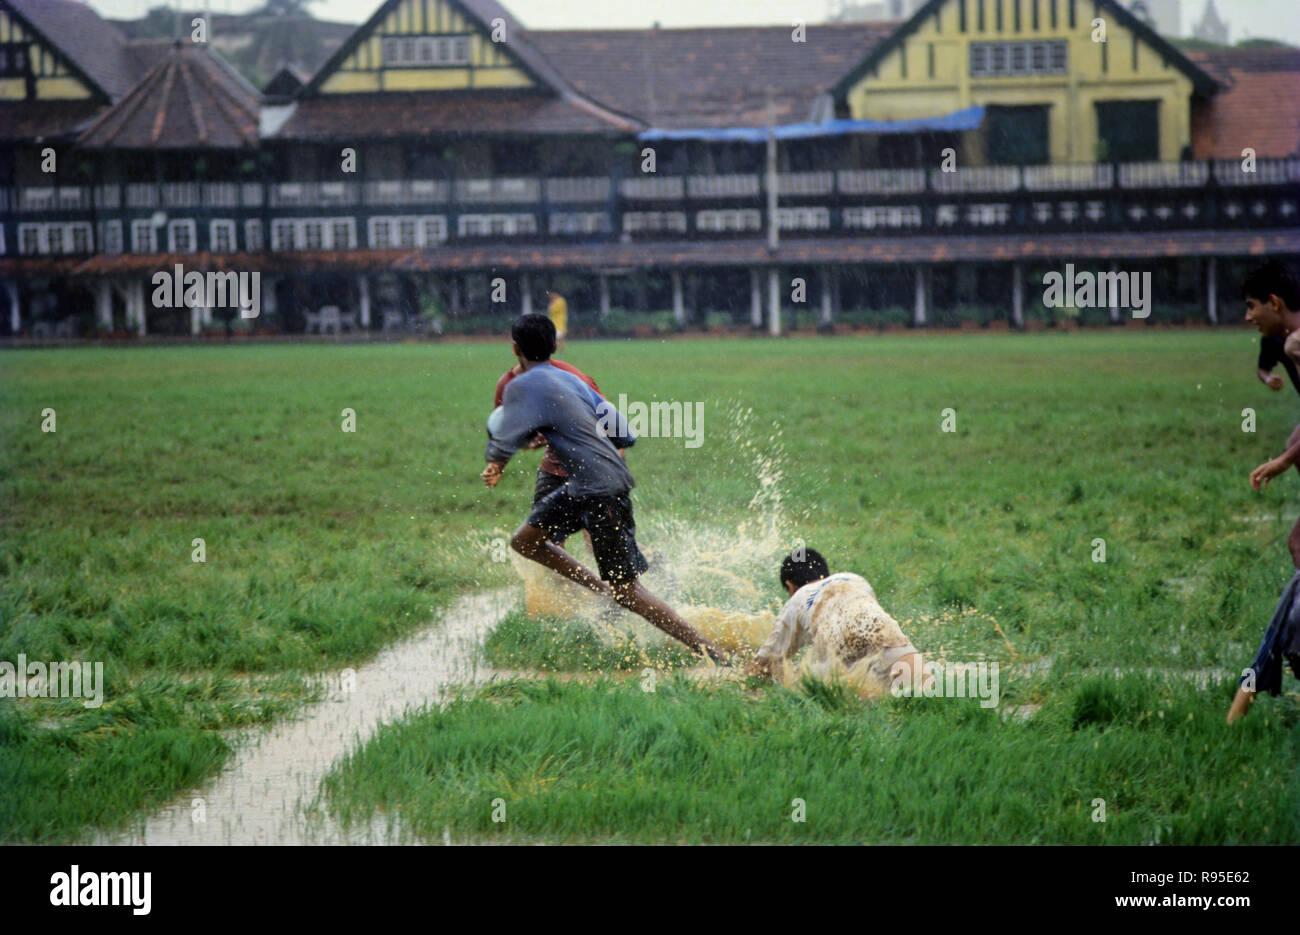 Muchachos jugando fútbol americano Imagen De Stock